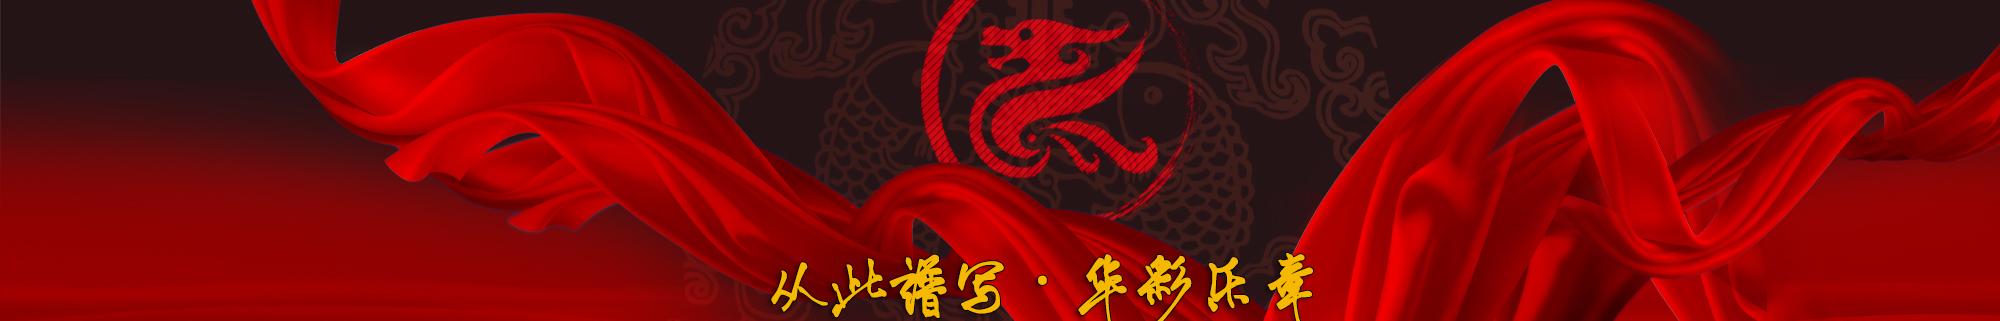 用户_106723 banner